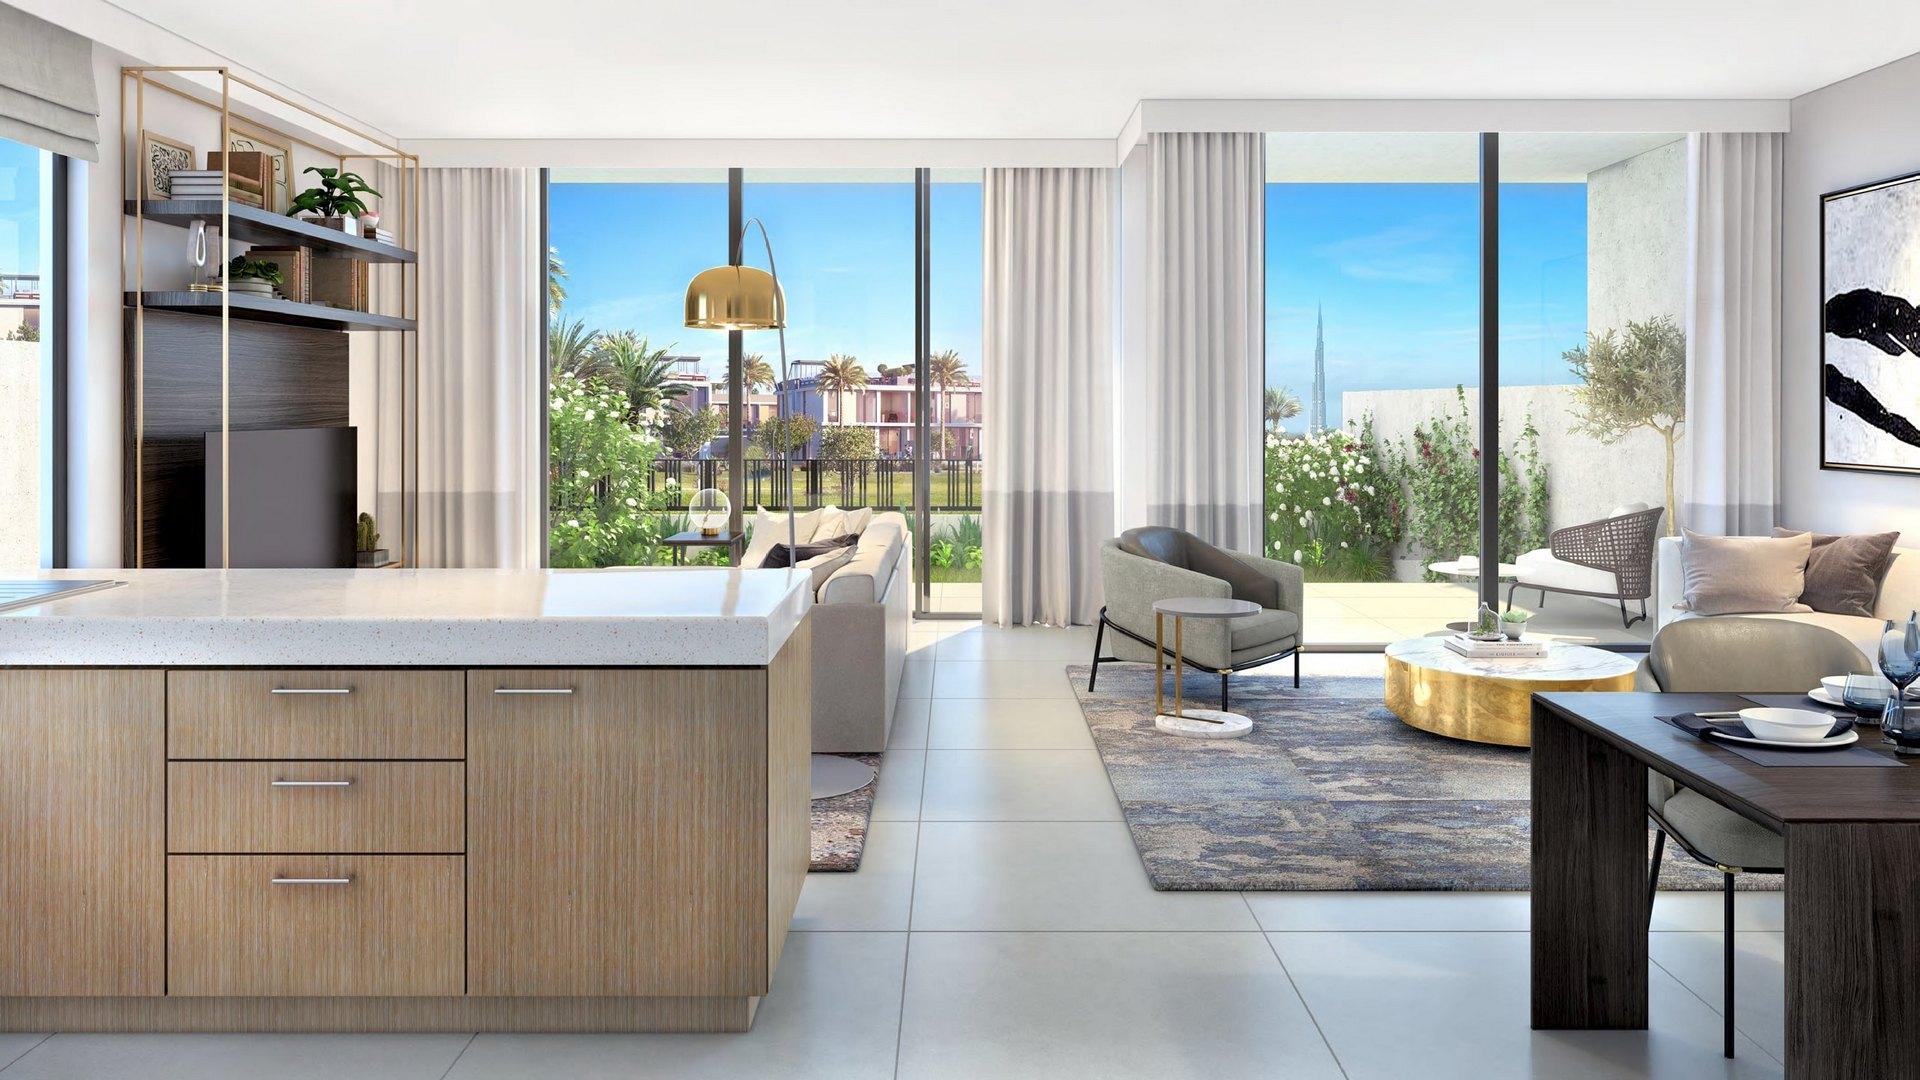 Villa for sale in Dubai, UAE, 4 bedrooms, 316 m2, No. 24062 – photo 1